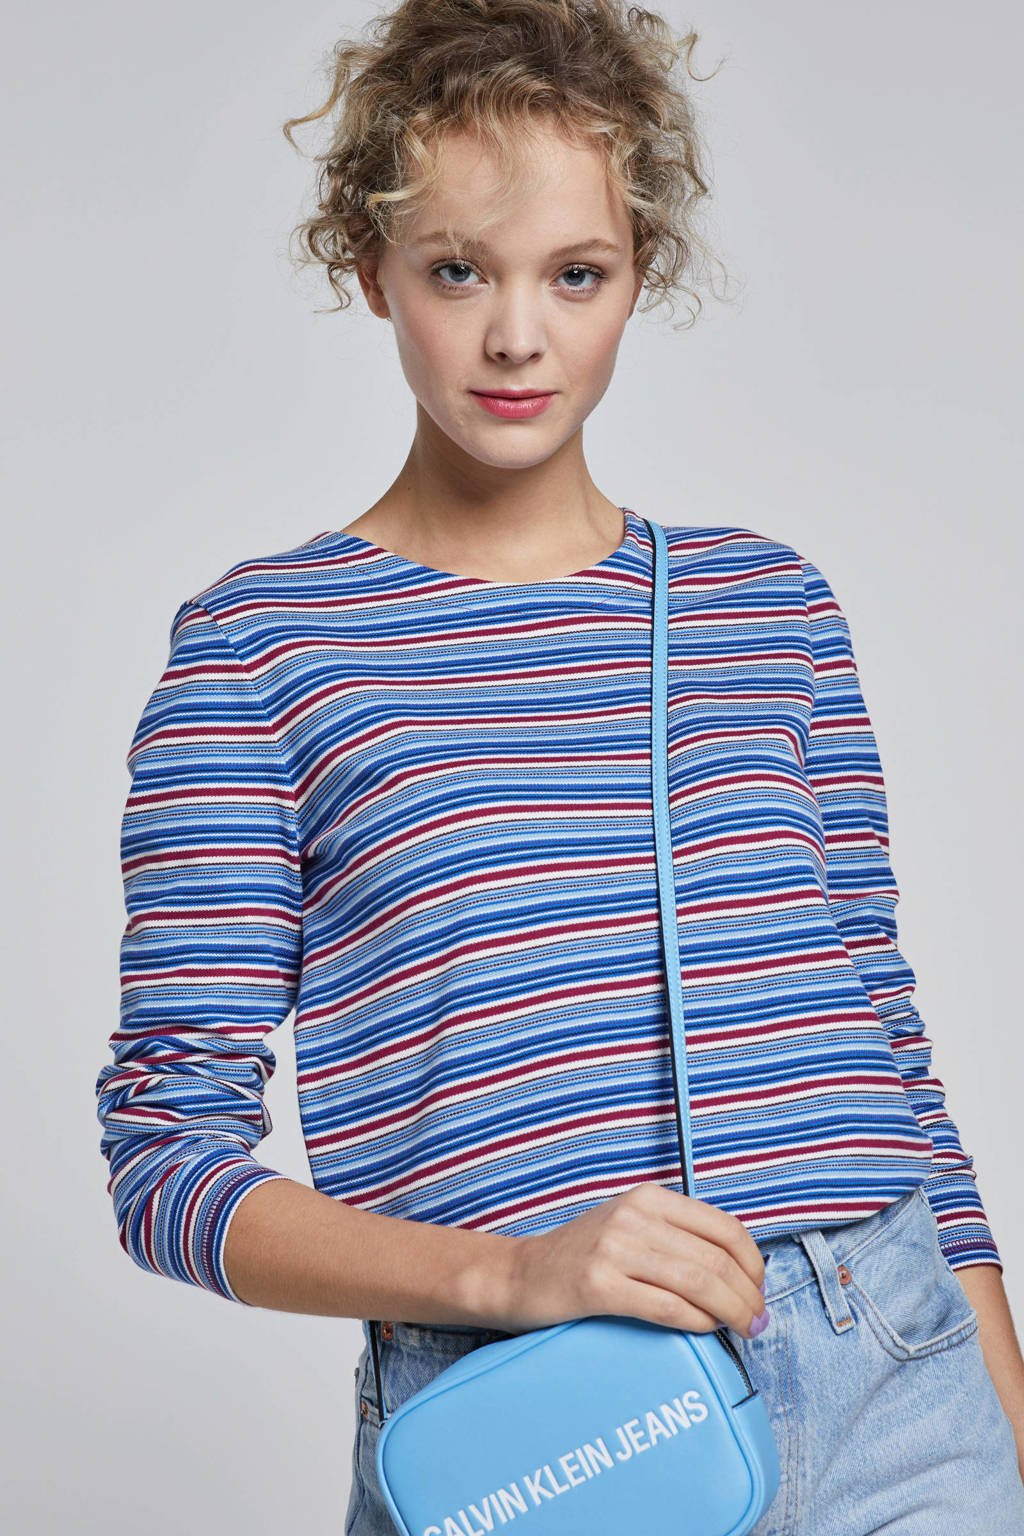 edc Women top met strepen, Blauw/ paars/ wit